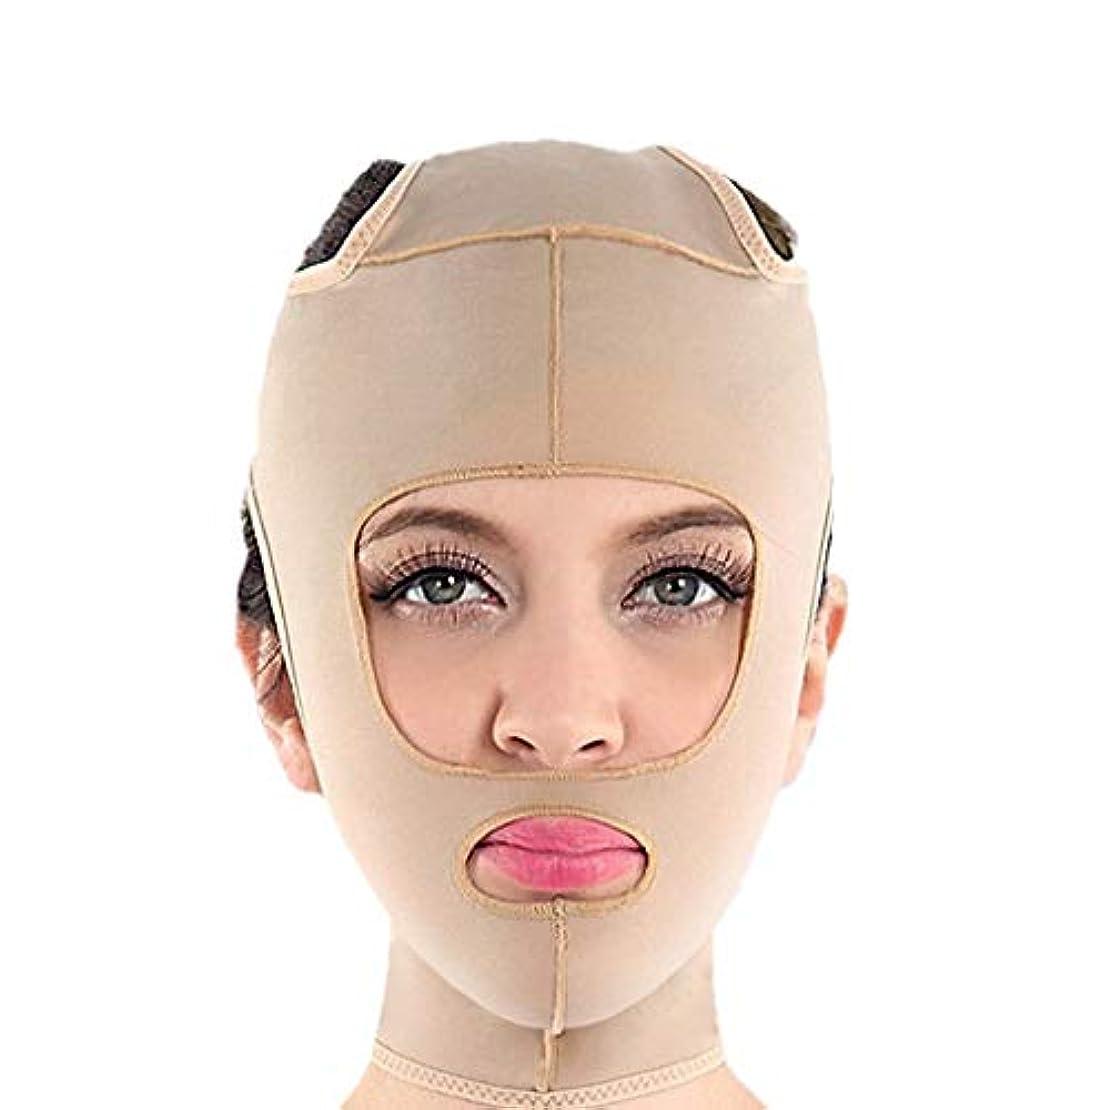 継承手綱樫の木フェイスリフティング、ダブルチンストラップ、フェイシャル減量マスク、ダブルチンを減らすリフティングヌードル、ファーミングフェイス、パワフルリフティングマスク(サイズ:M),S